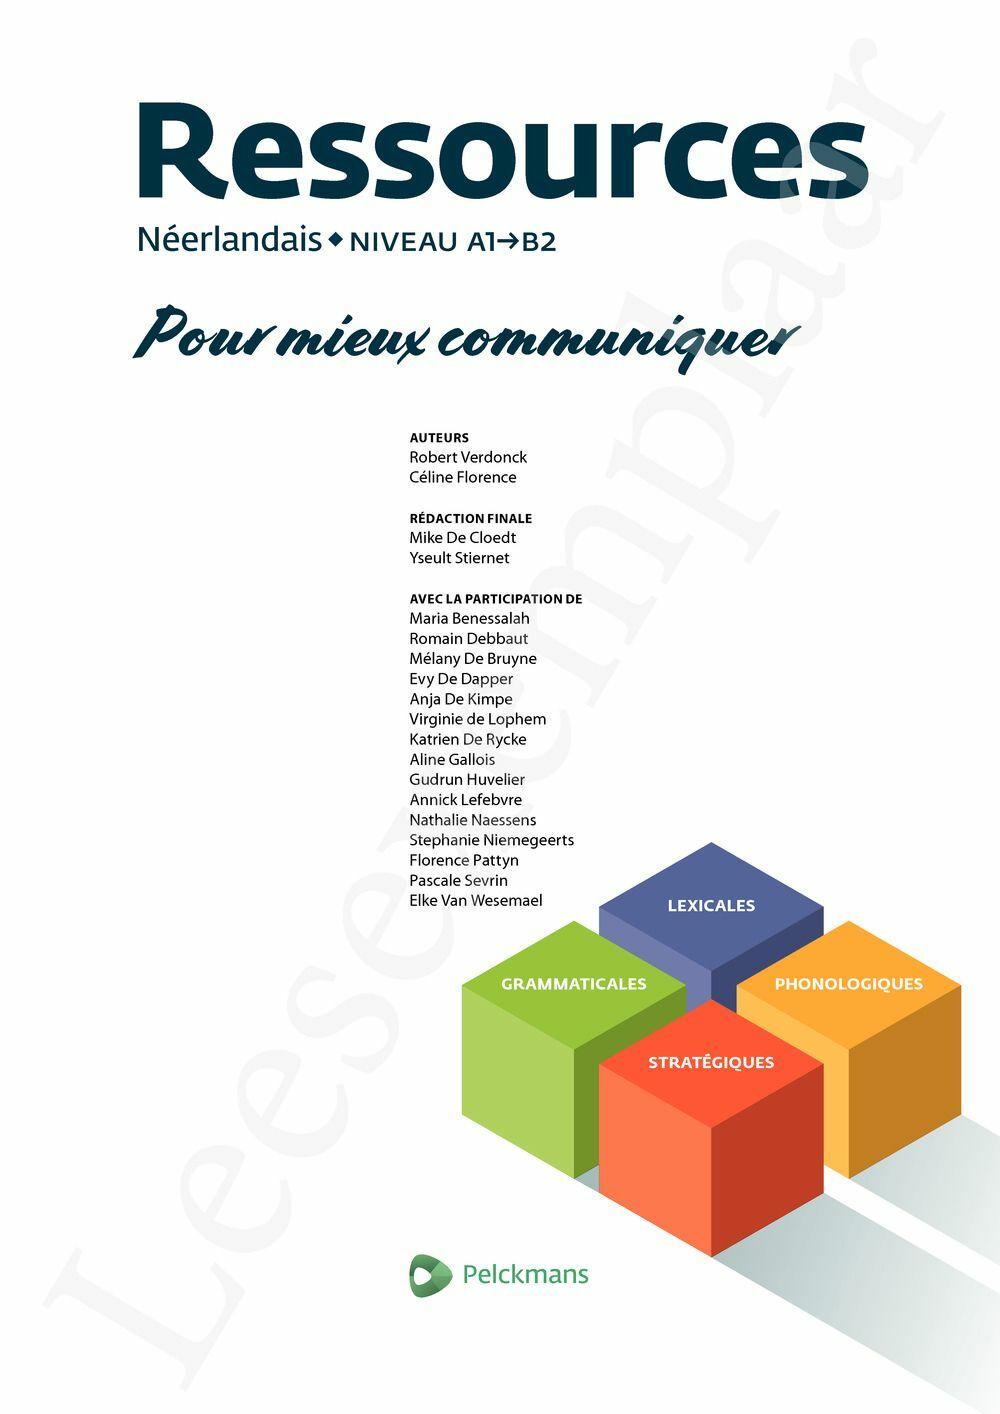 Preview: Ressources Néerlandais (Pelckmans Portail inclus)